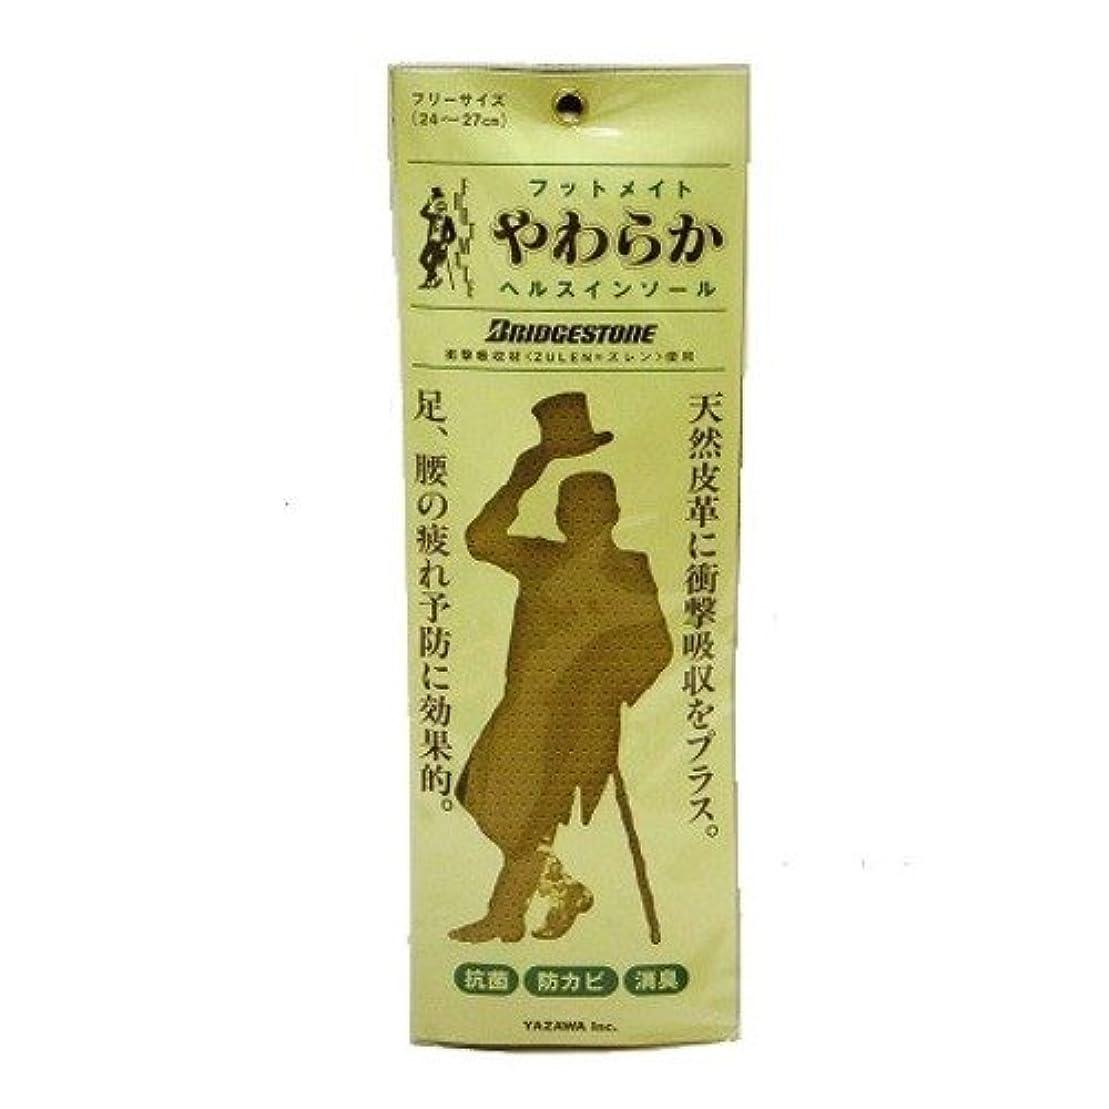 近くアカウント品種矢澤 フットメイトやわらかヘルスインソール 24?27cm